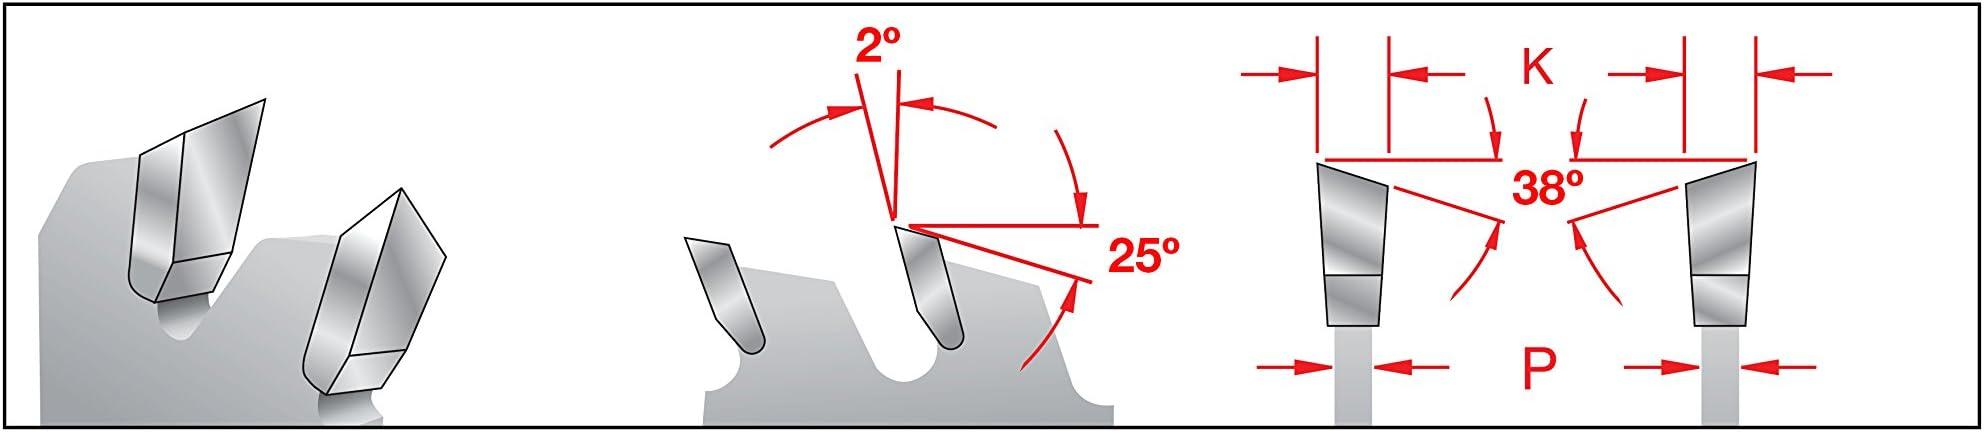 470044 Lutz Blades Sicherheits-Klingenbox 120 x 65 x 25 mm